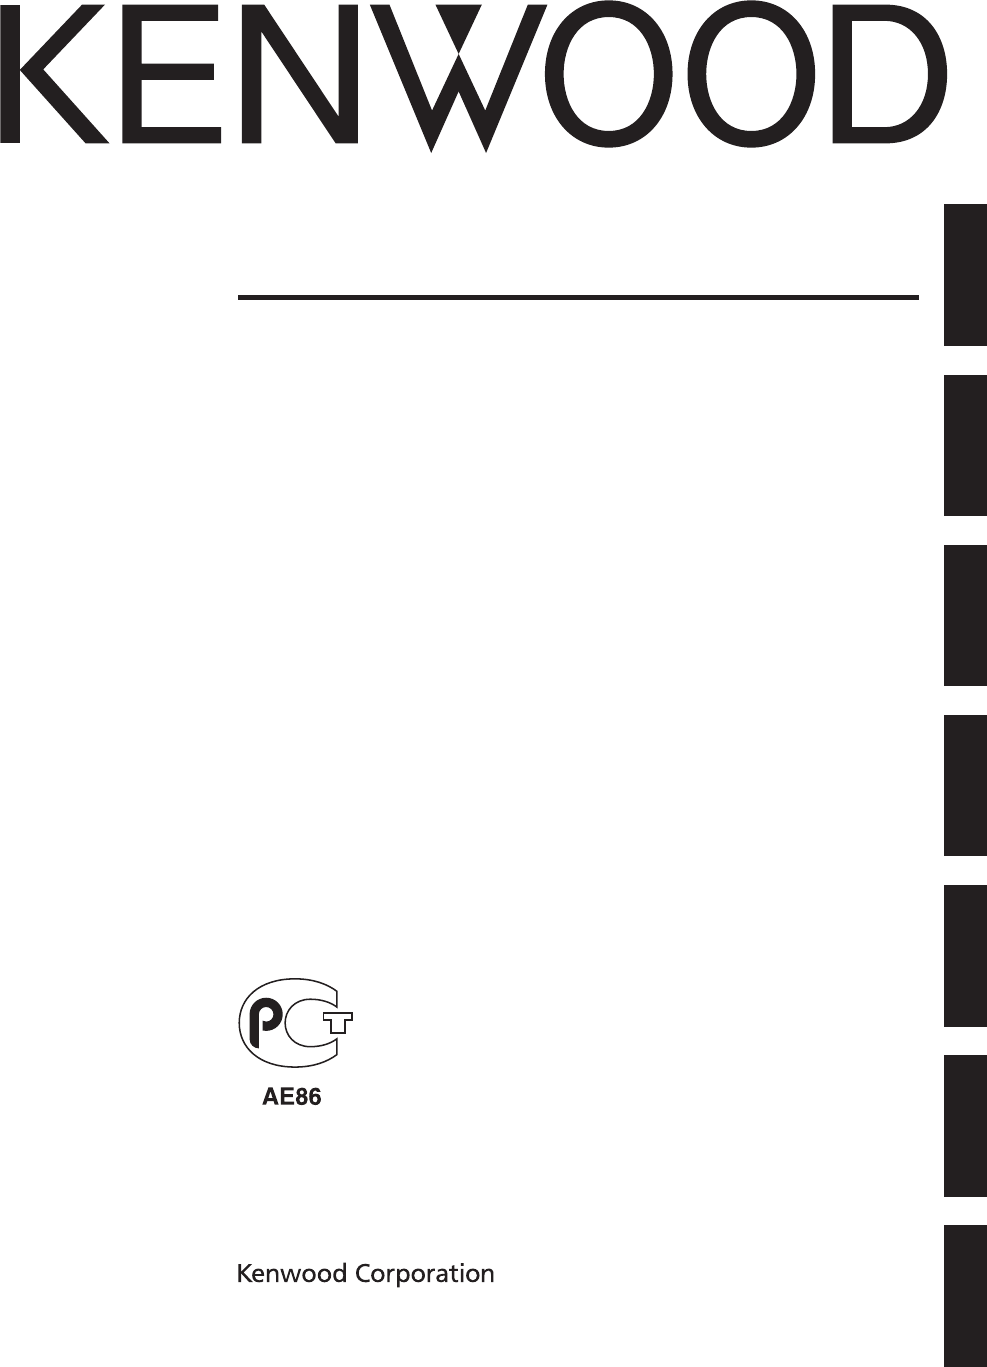 Kenwood Kdc 148 Wiring Diagram furthermore Kenwood Kdc 135 Wiring Diagram together with Kenwood Cd Receiver Wiring Diagram likewise Car Audio Wiring Diagram Kenwood Kdc X591 in addition Dvd Player Wiring Diagram. on wiring harness for kenwood excelon